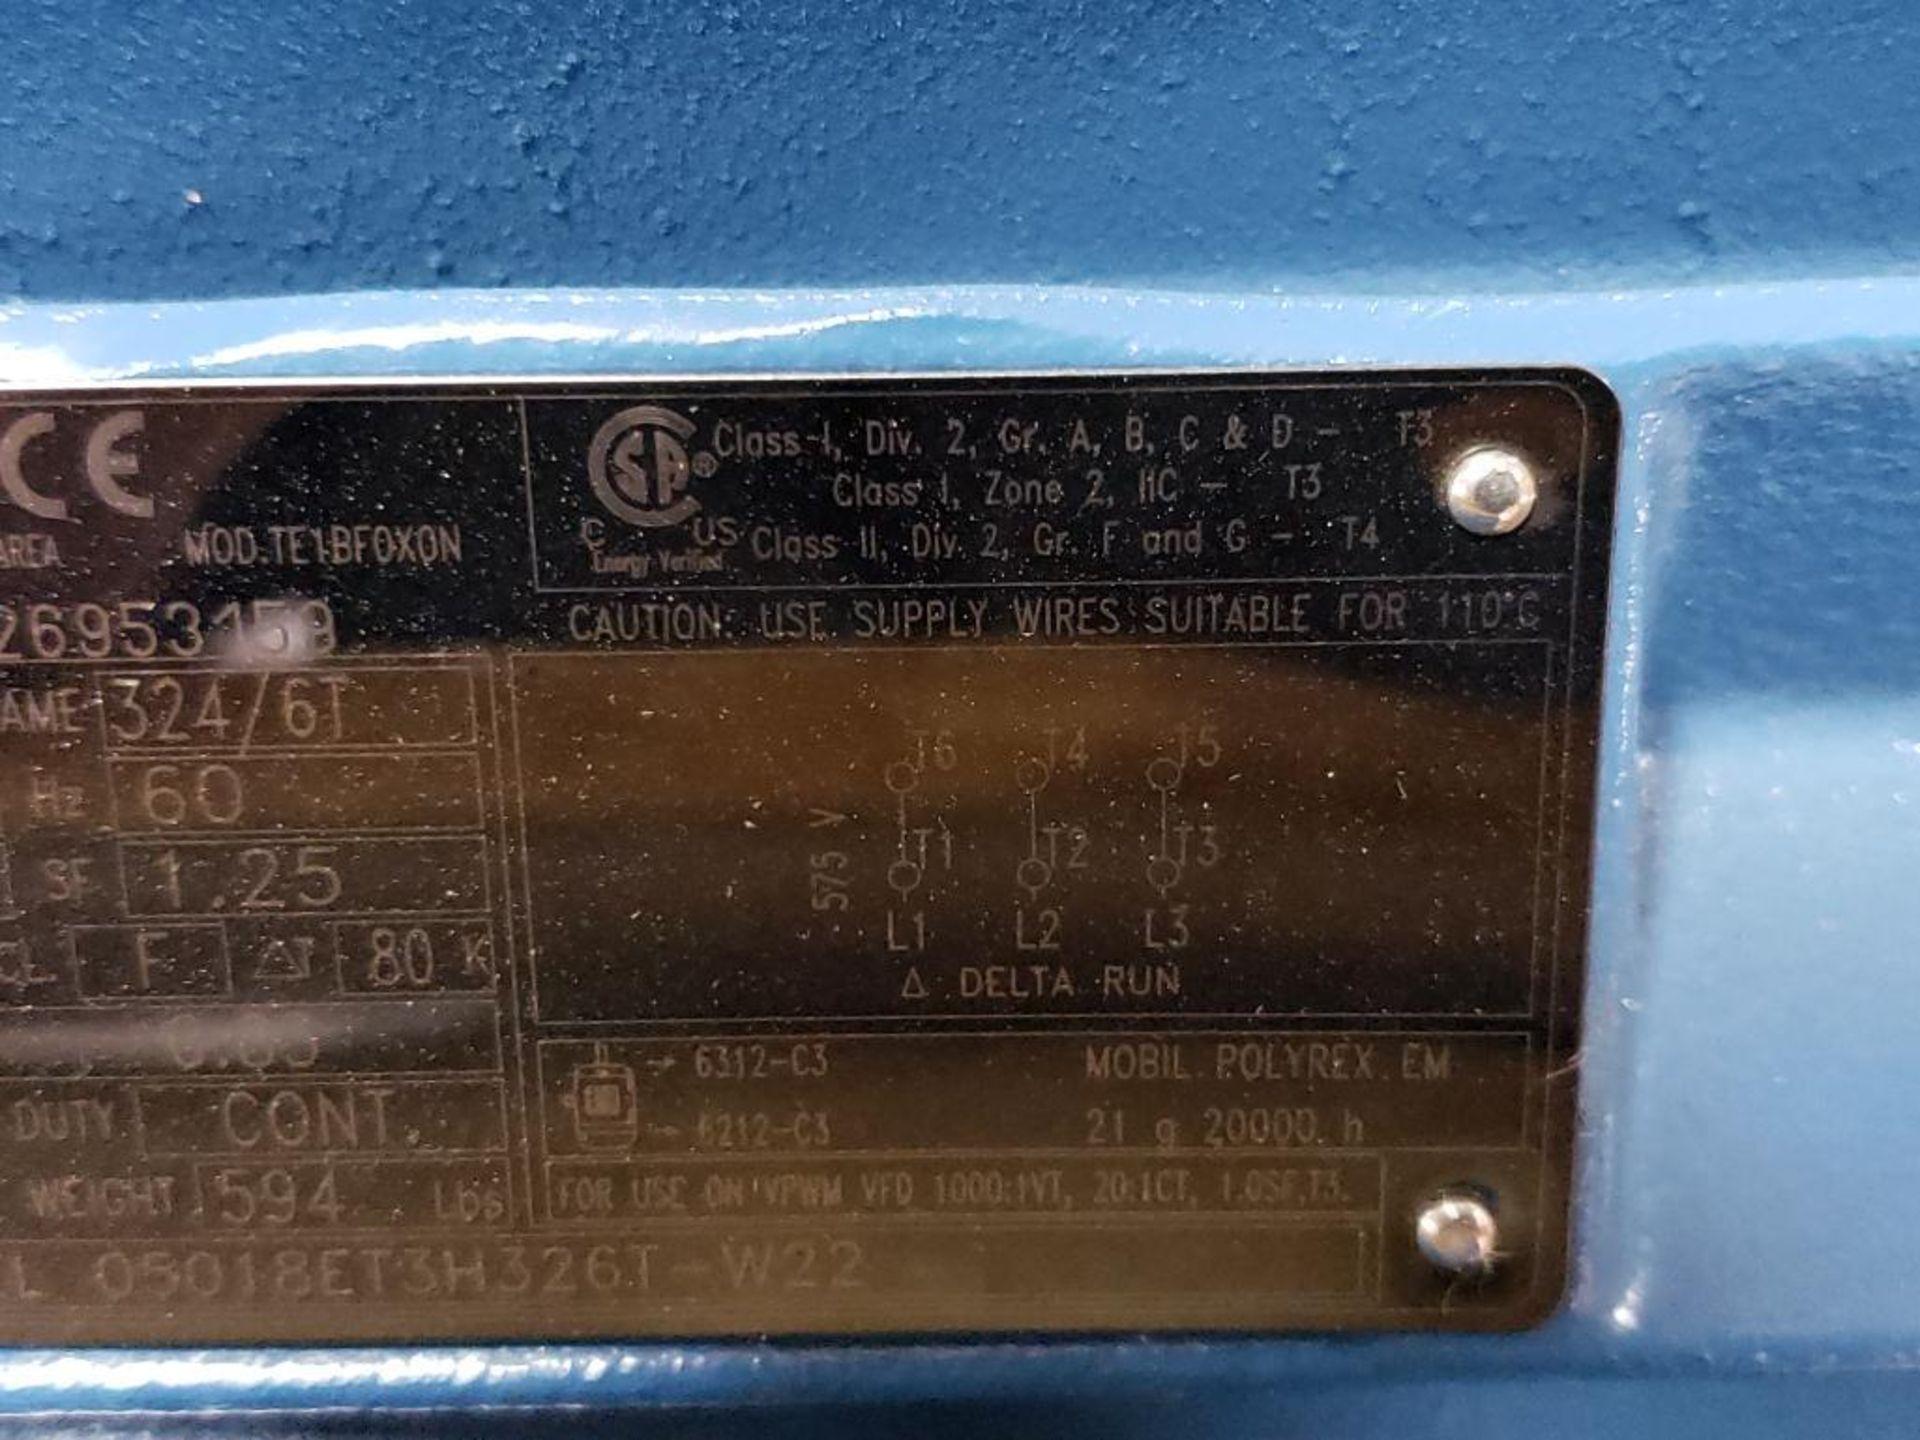 50HP WEG 3PH Inverter Duty Motor. 23ENE2015. 575V, 1775RPM, 324/6T-Frame. - Image 4 of 8